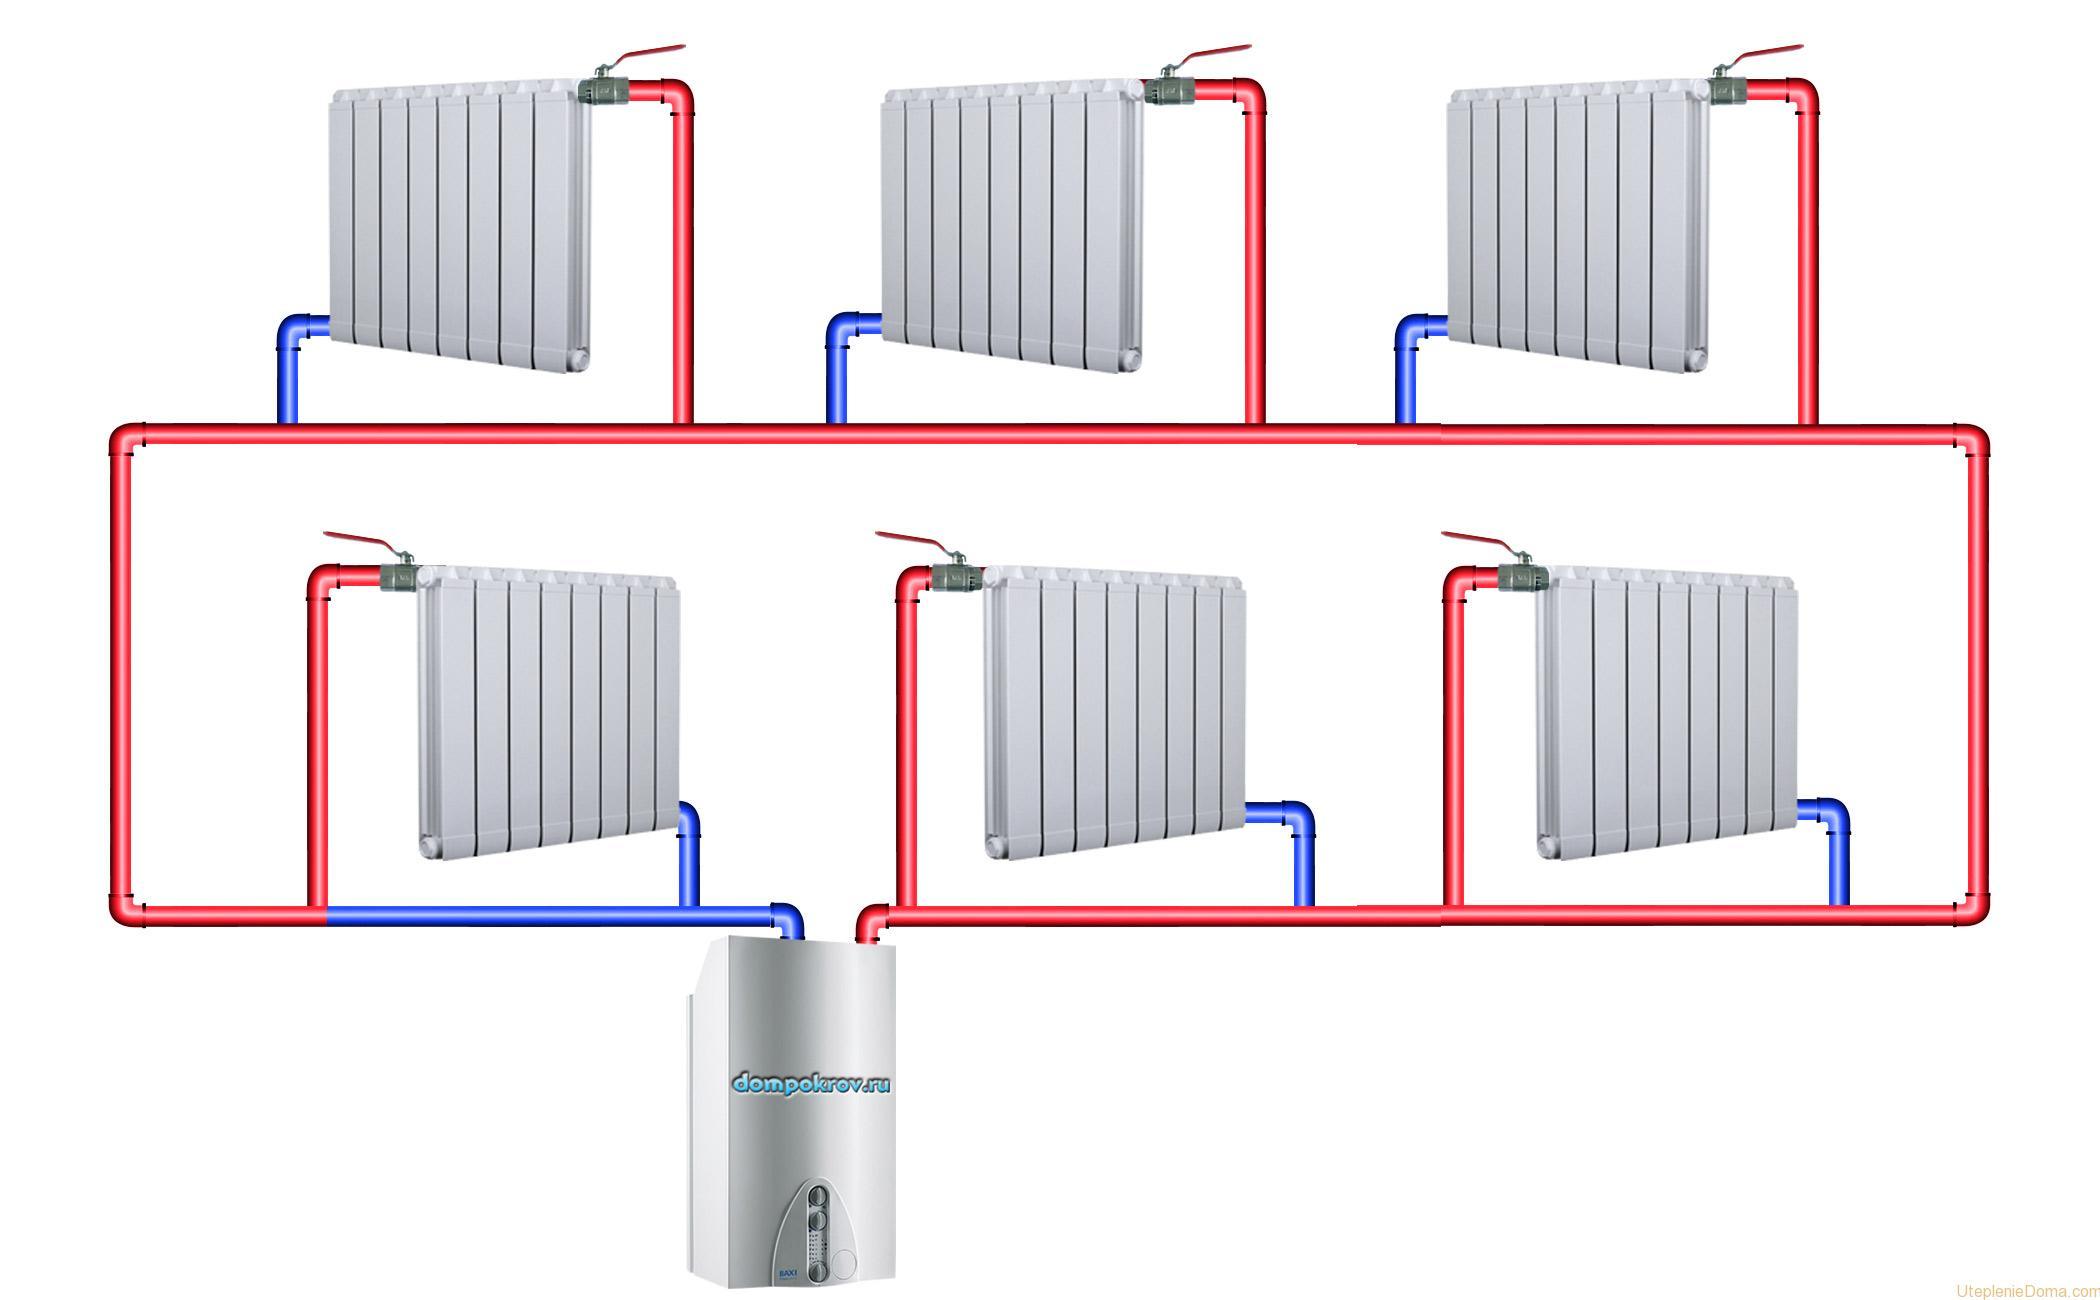 схема коллекторного отопления коттеджей